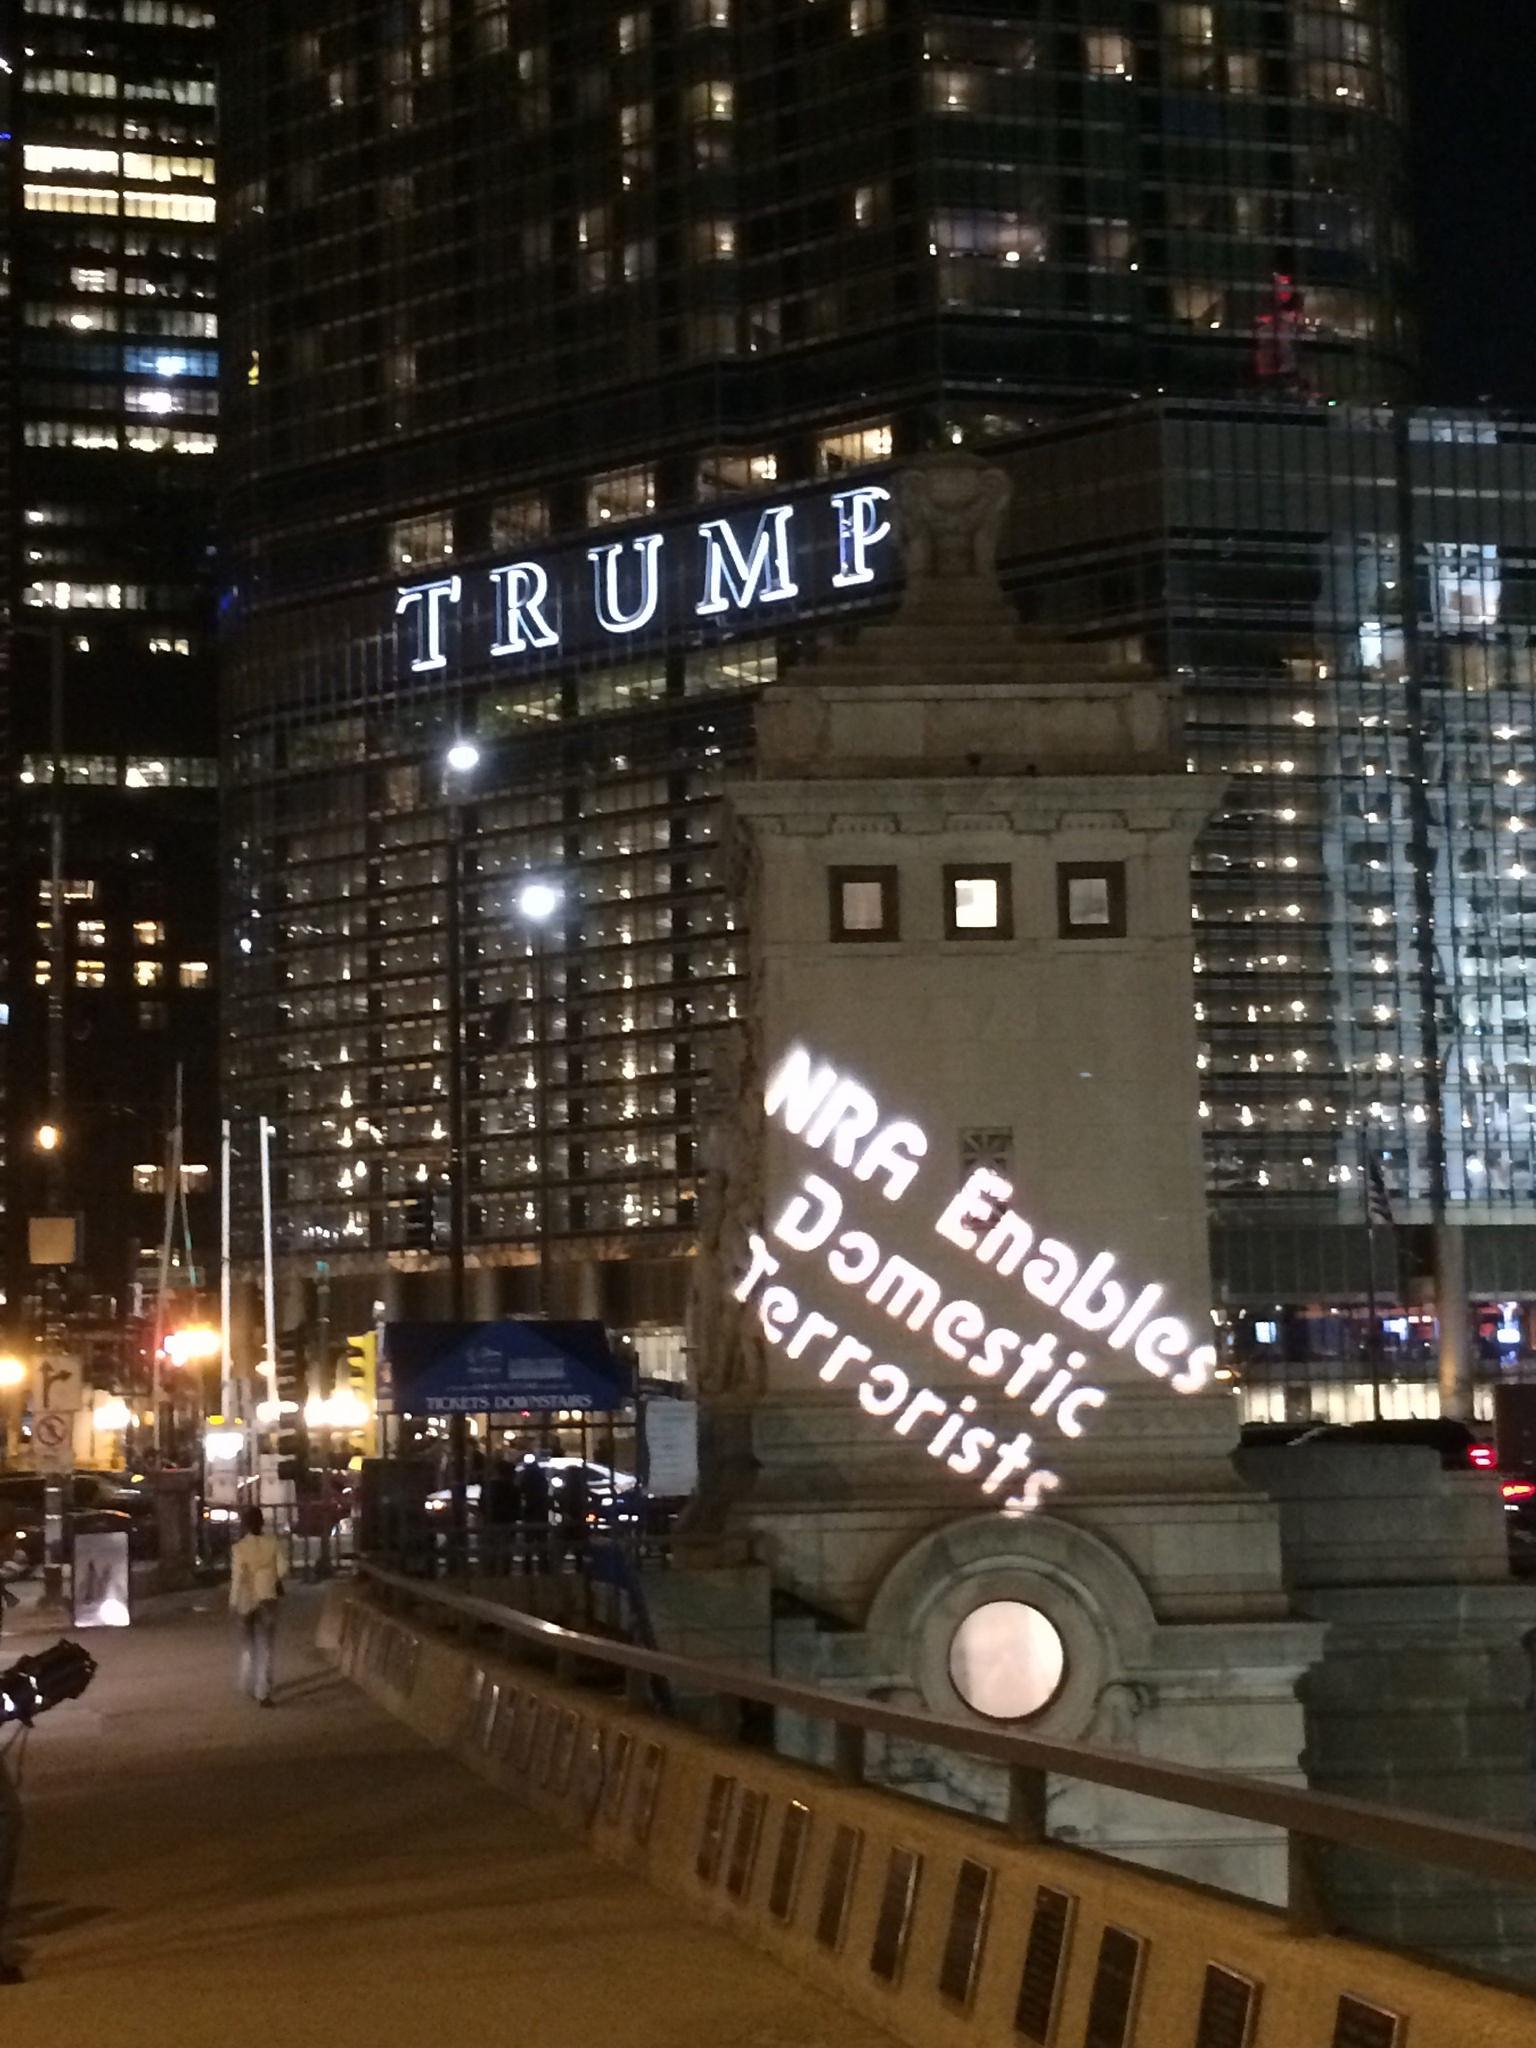 Chicago-NRAenables-TRUMPtower-1.jpg